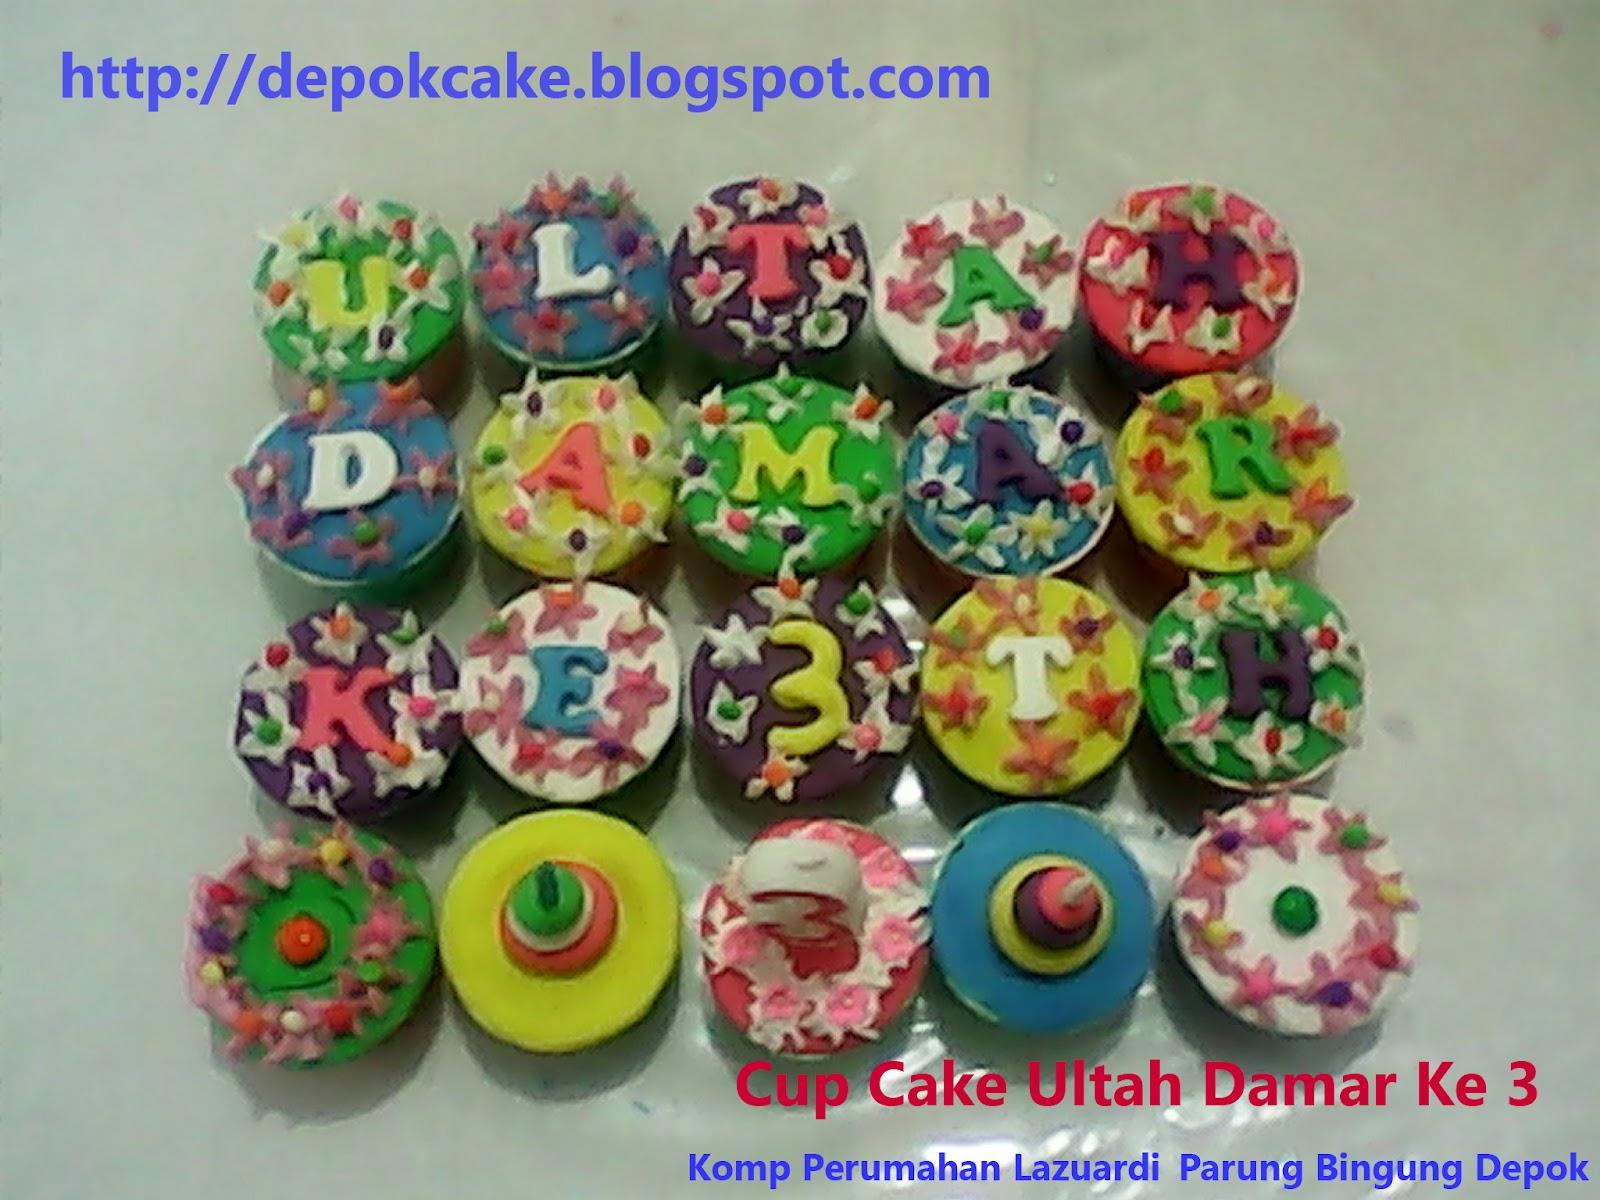 Ulang Tahun Angry Birds Pusat Pesan Kue Cake Ulang Tahun Anak